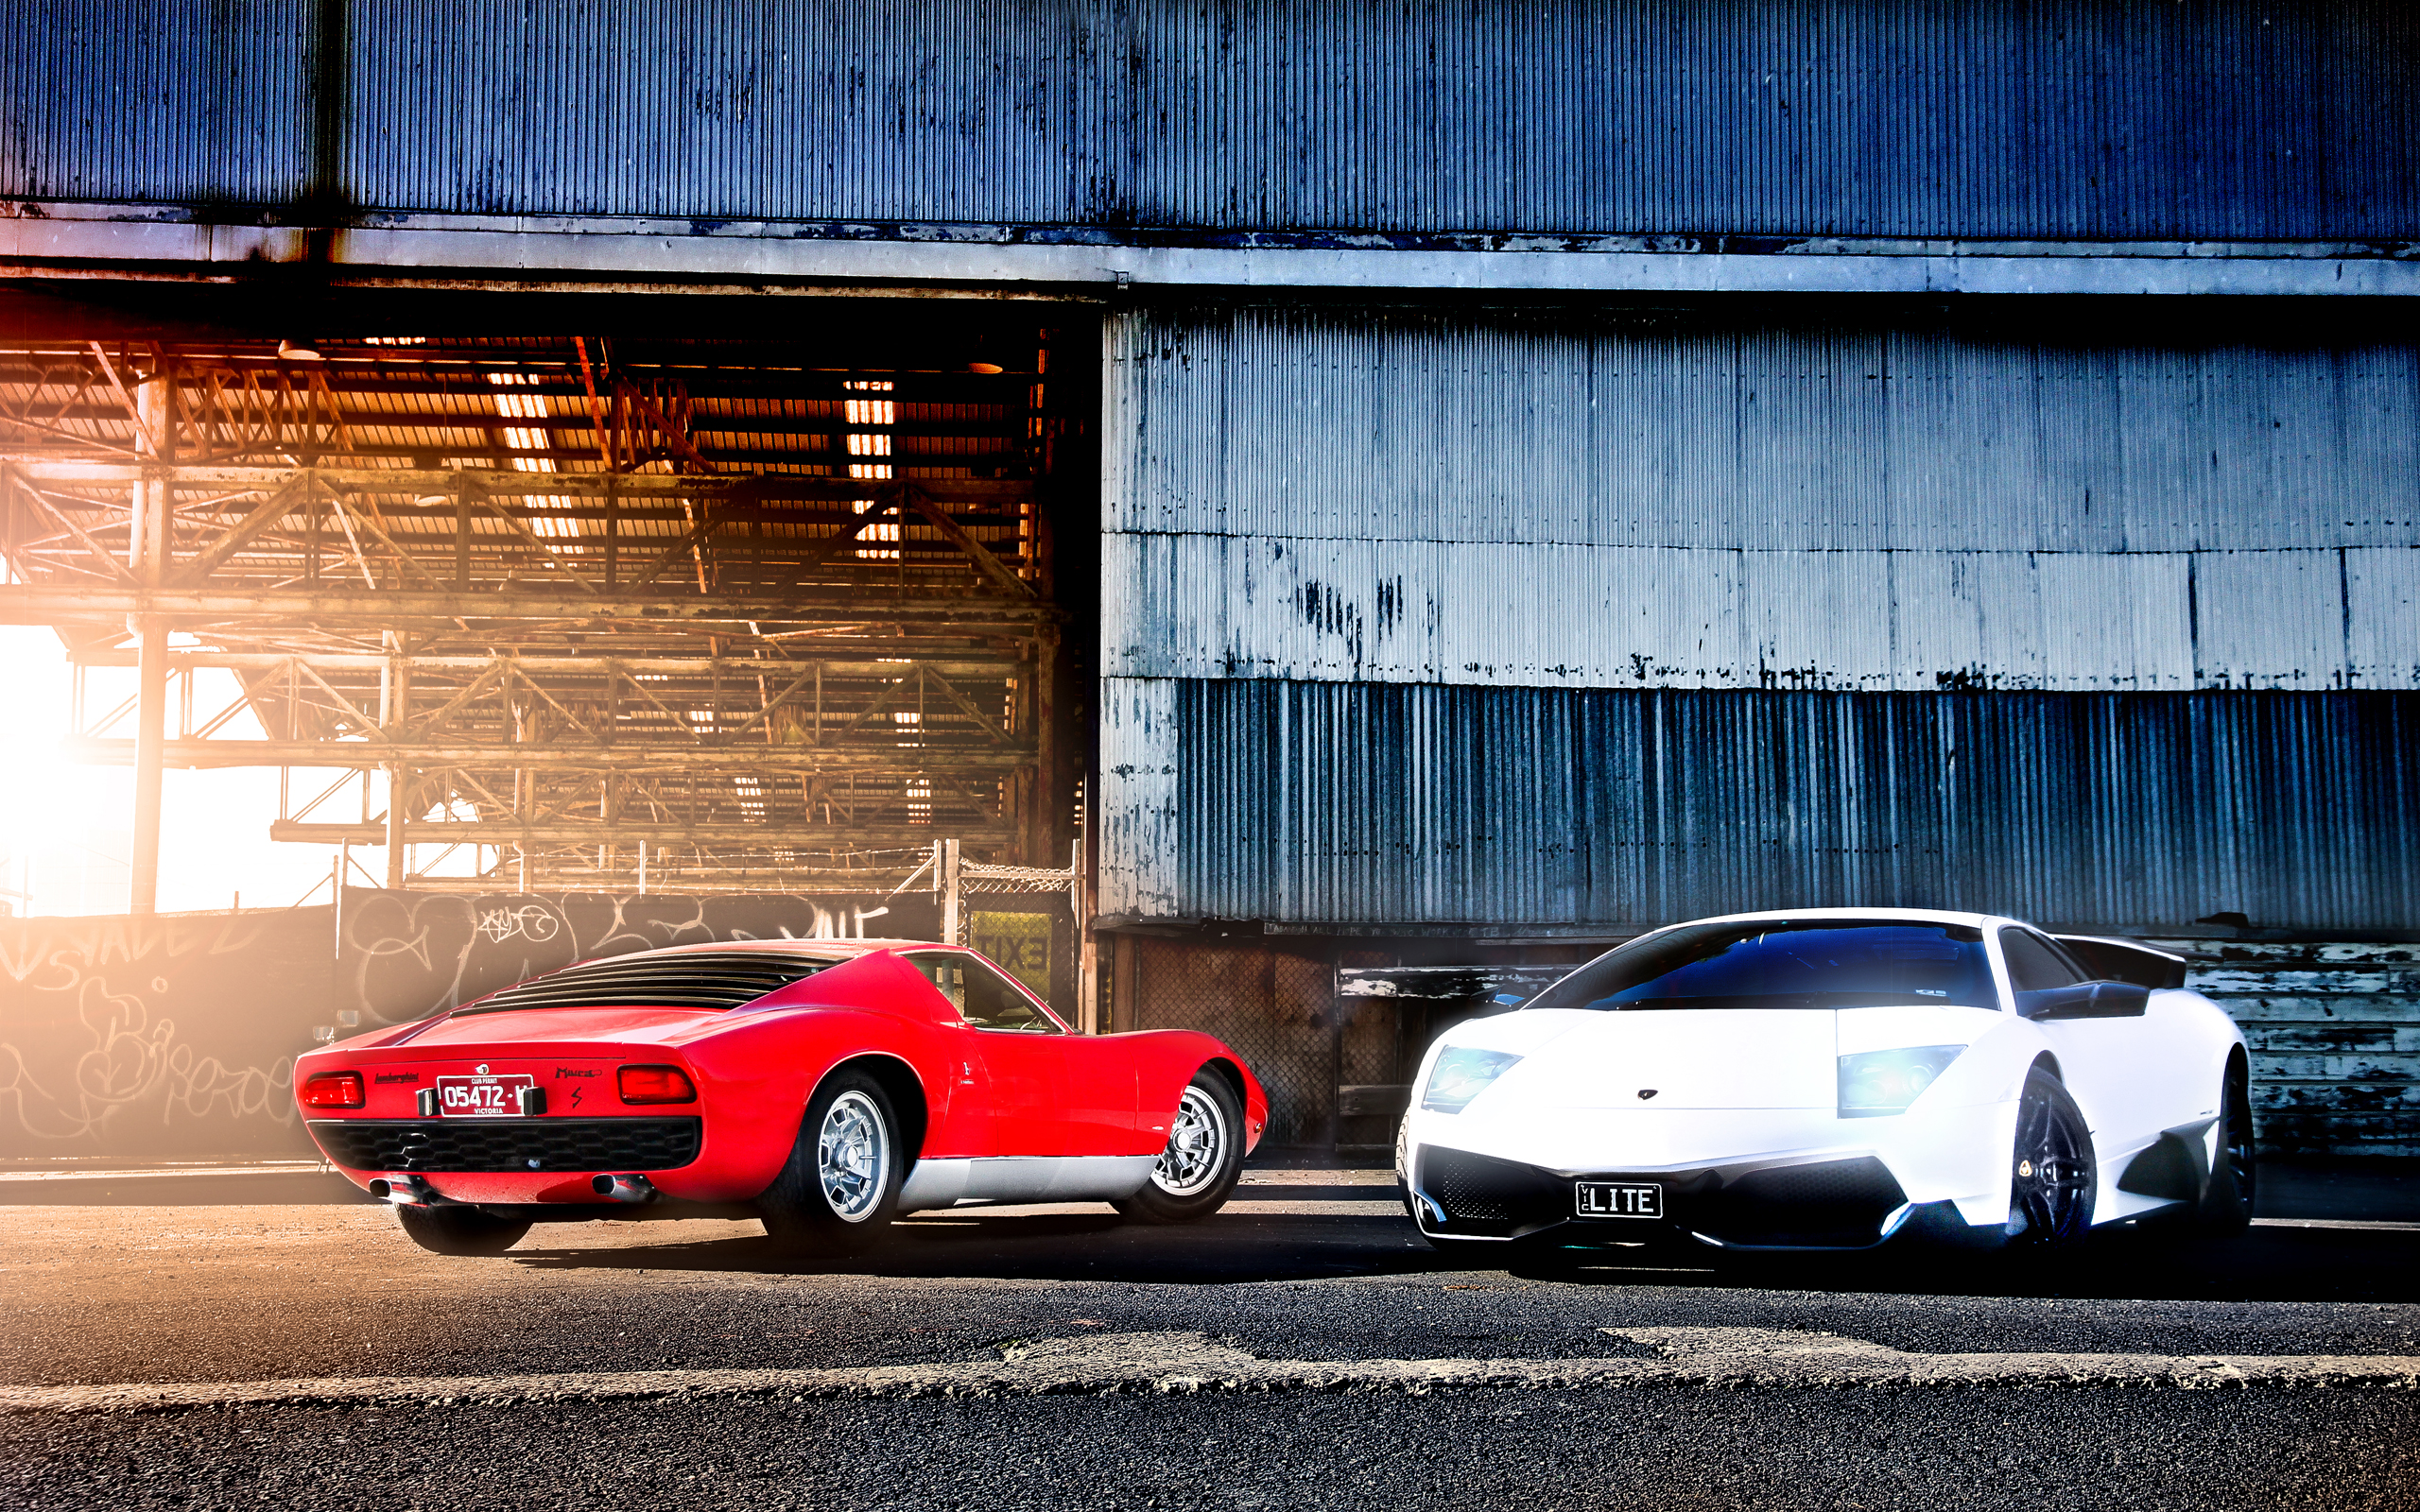 Lamborghini Miura S Lamborghini Lp670 4 Sv Wallpaper Hd Car